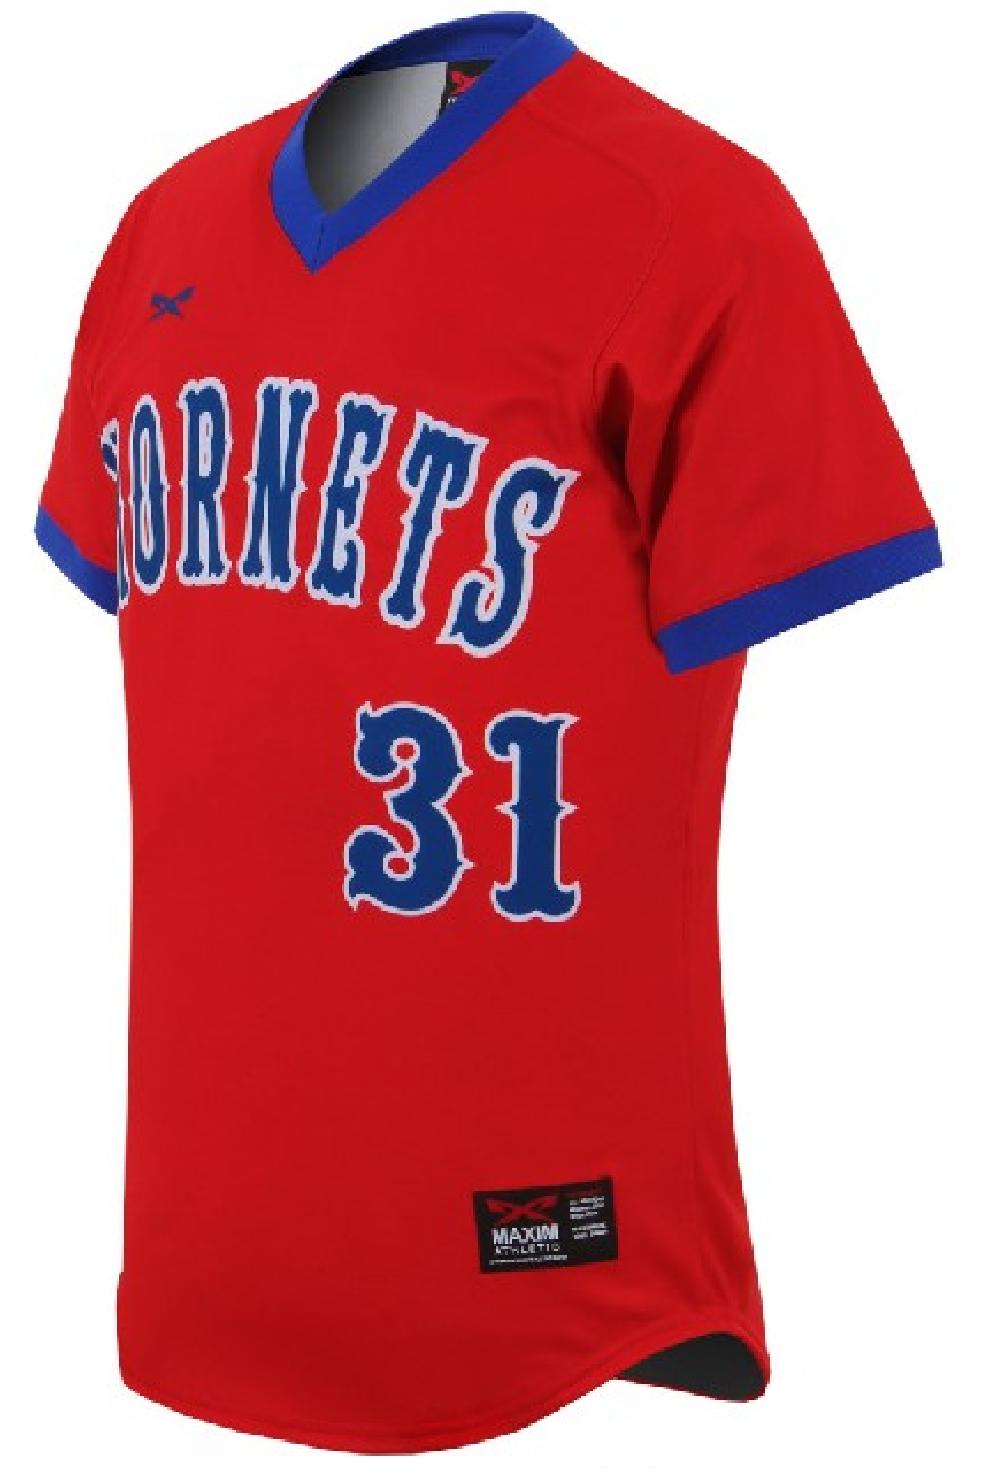 205e1daa2 Vintage Baseball Jersey